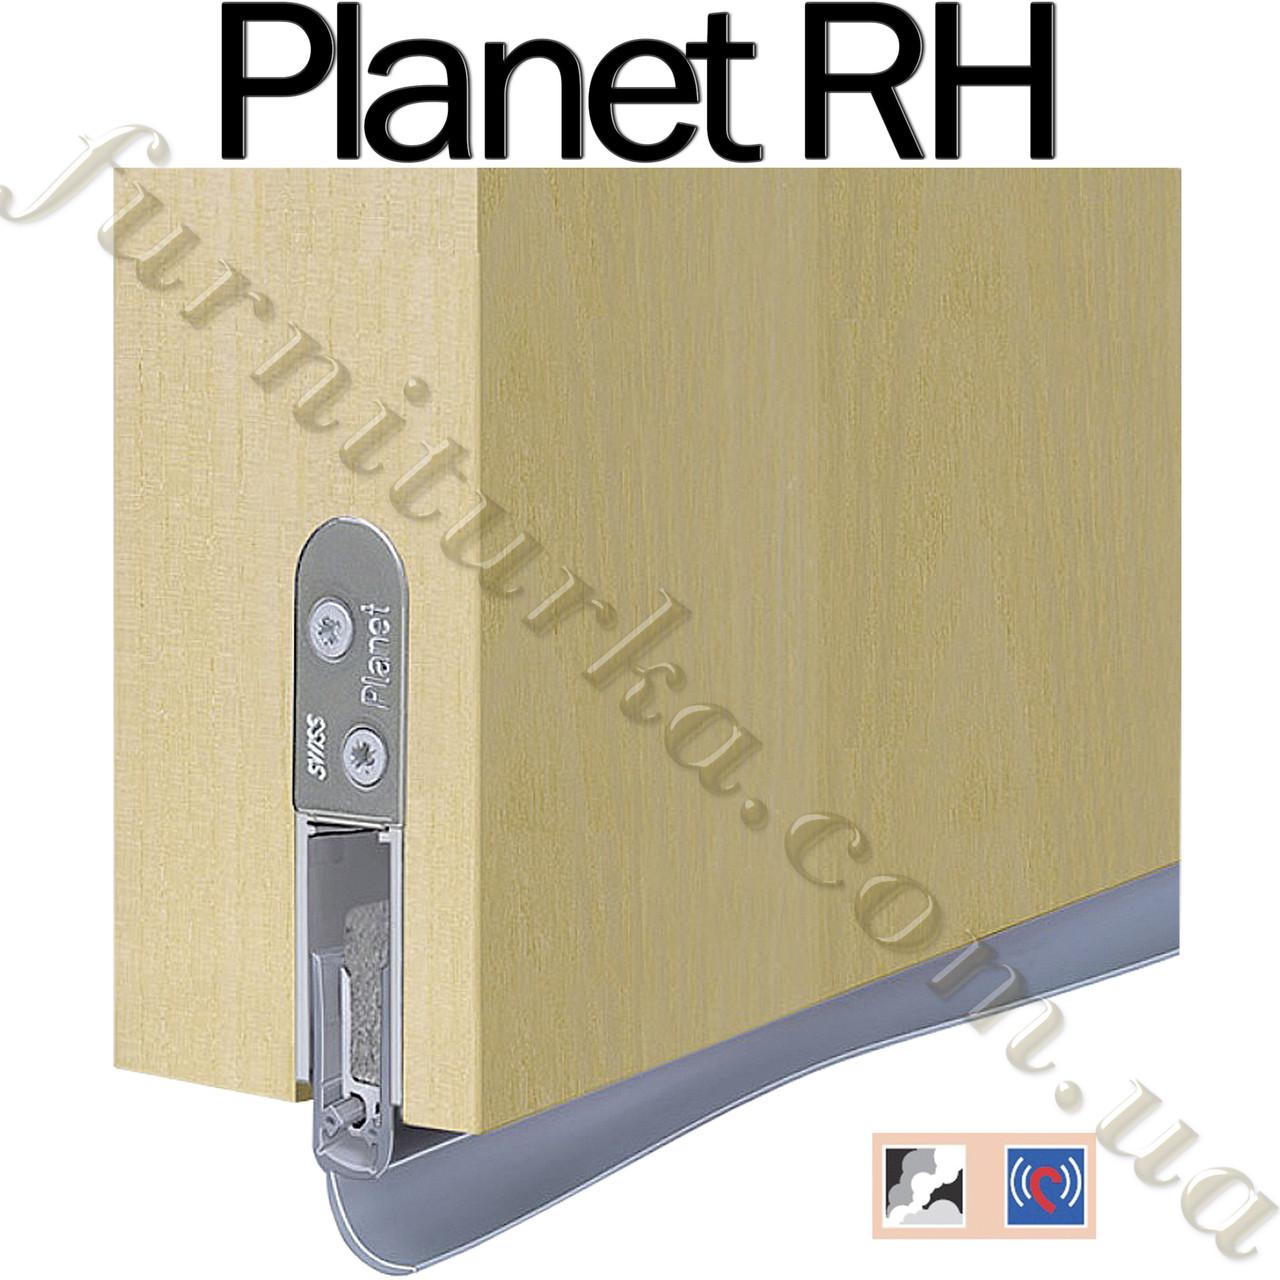 Самоопускающийся порог Planet RH 460 мм